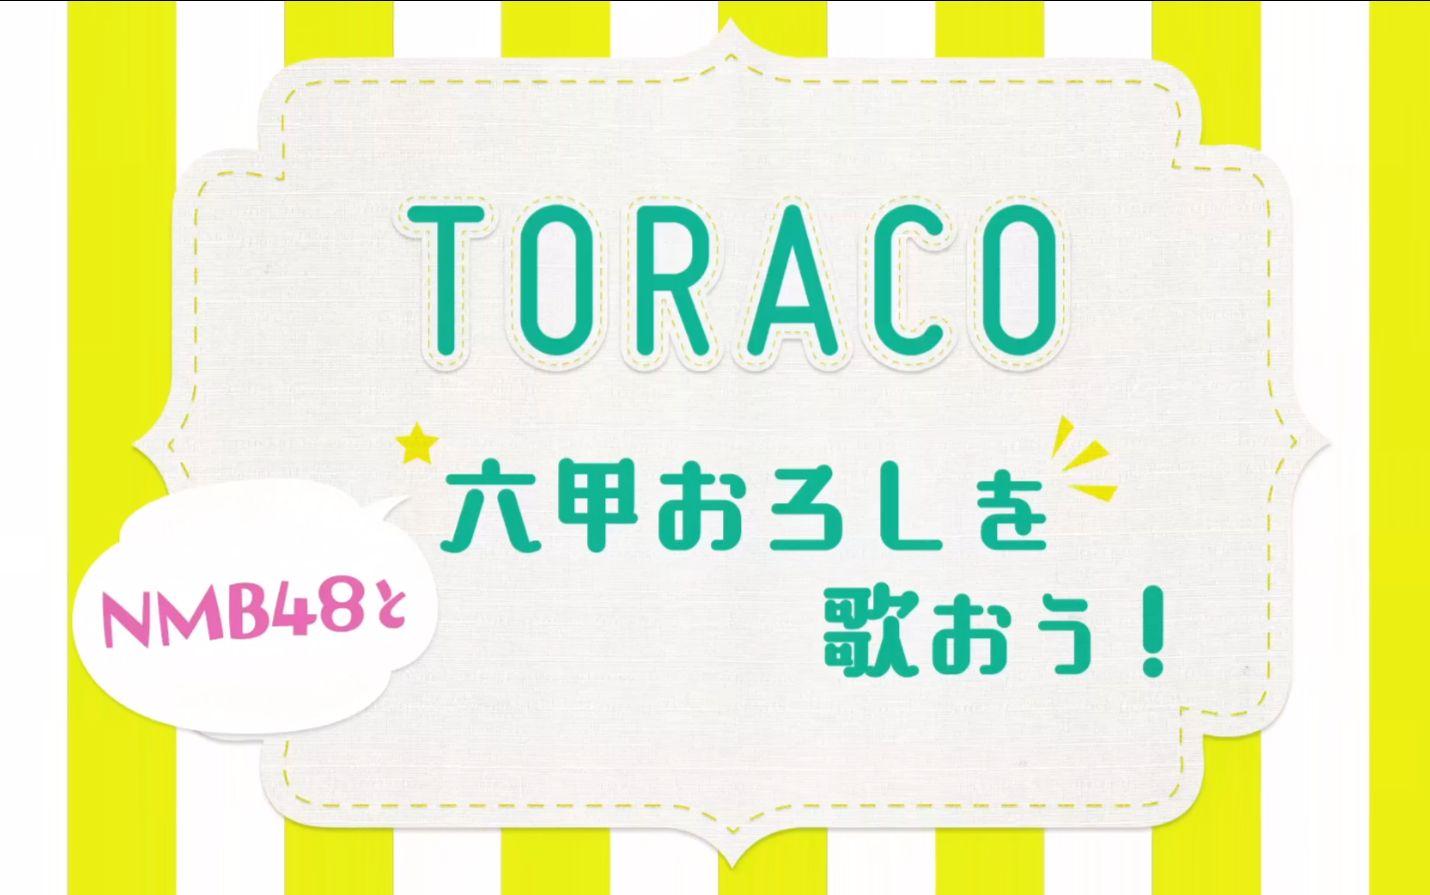 �N_【toraco】nmb48和六甲颪応援歌! 170308